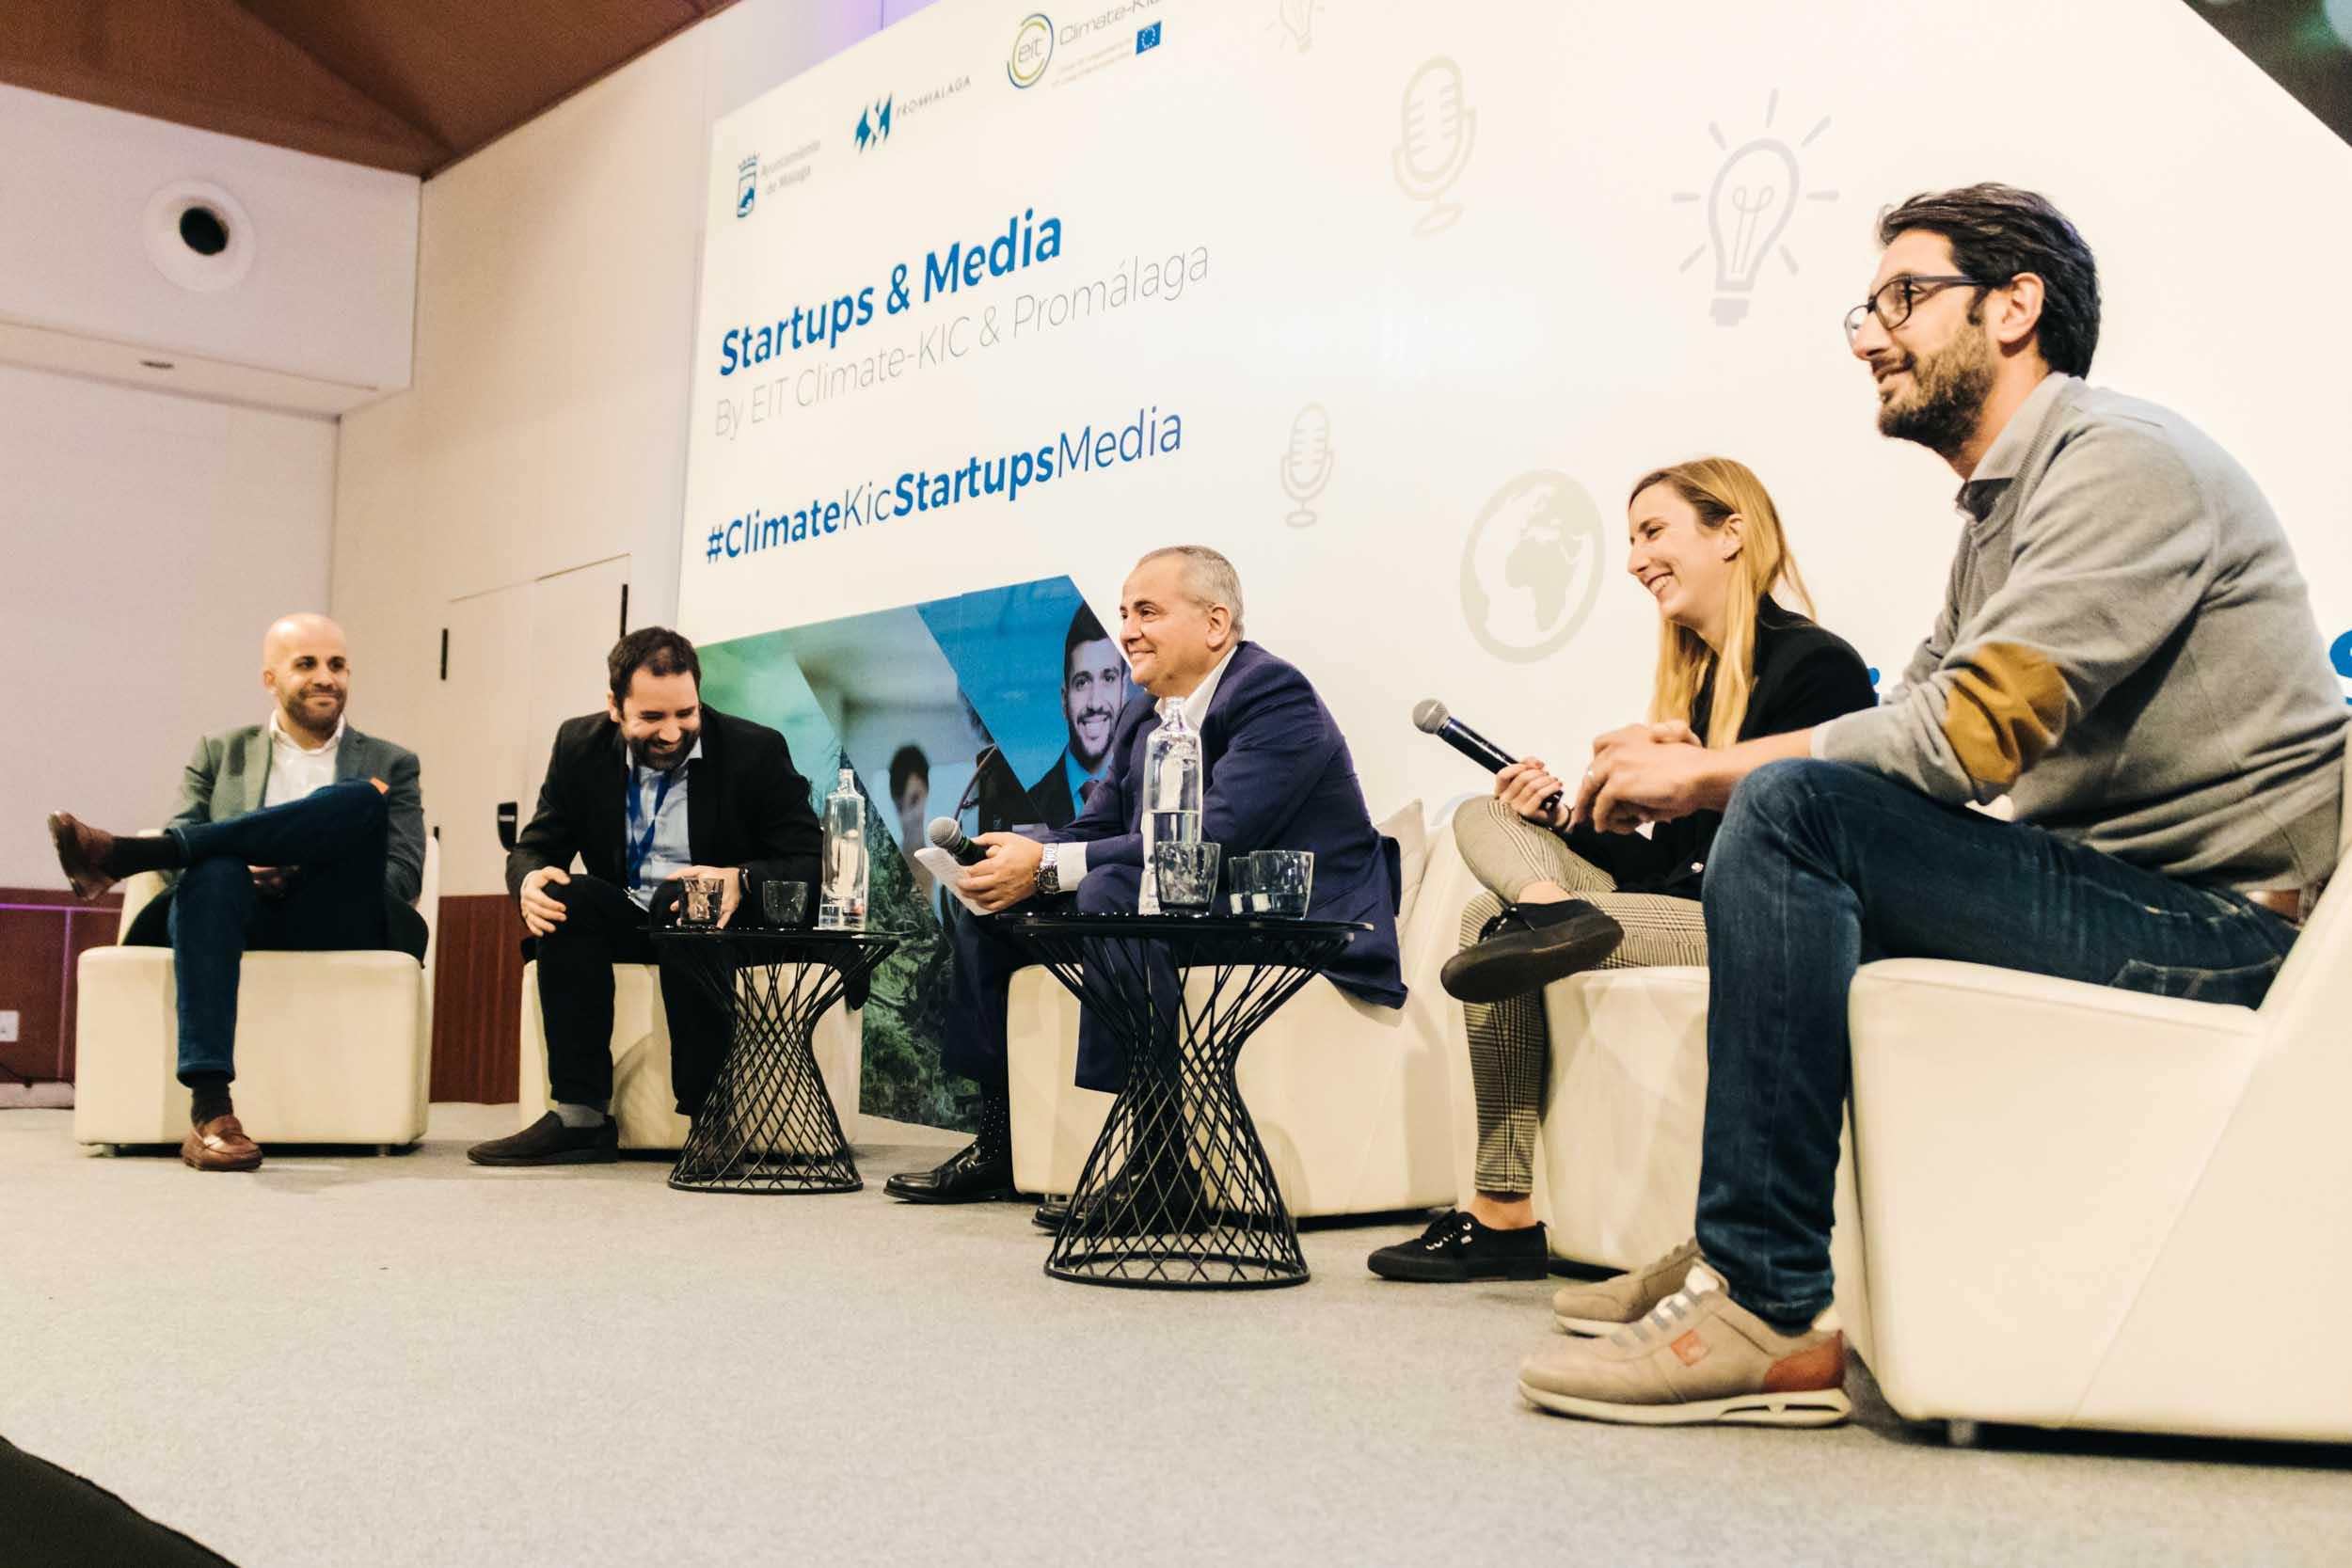 Éxito de asistencia en el evento Startups & Media by EIT Climate Kic & Promálaga